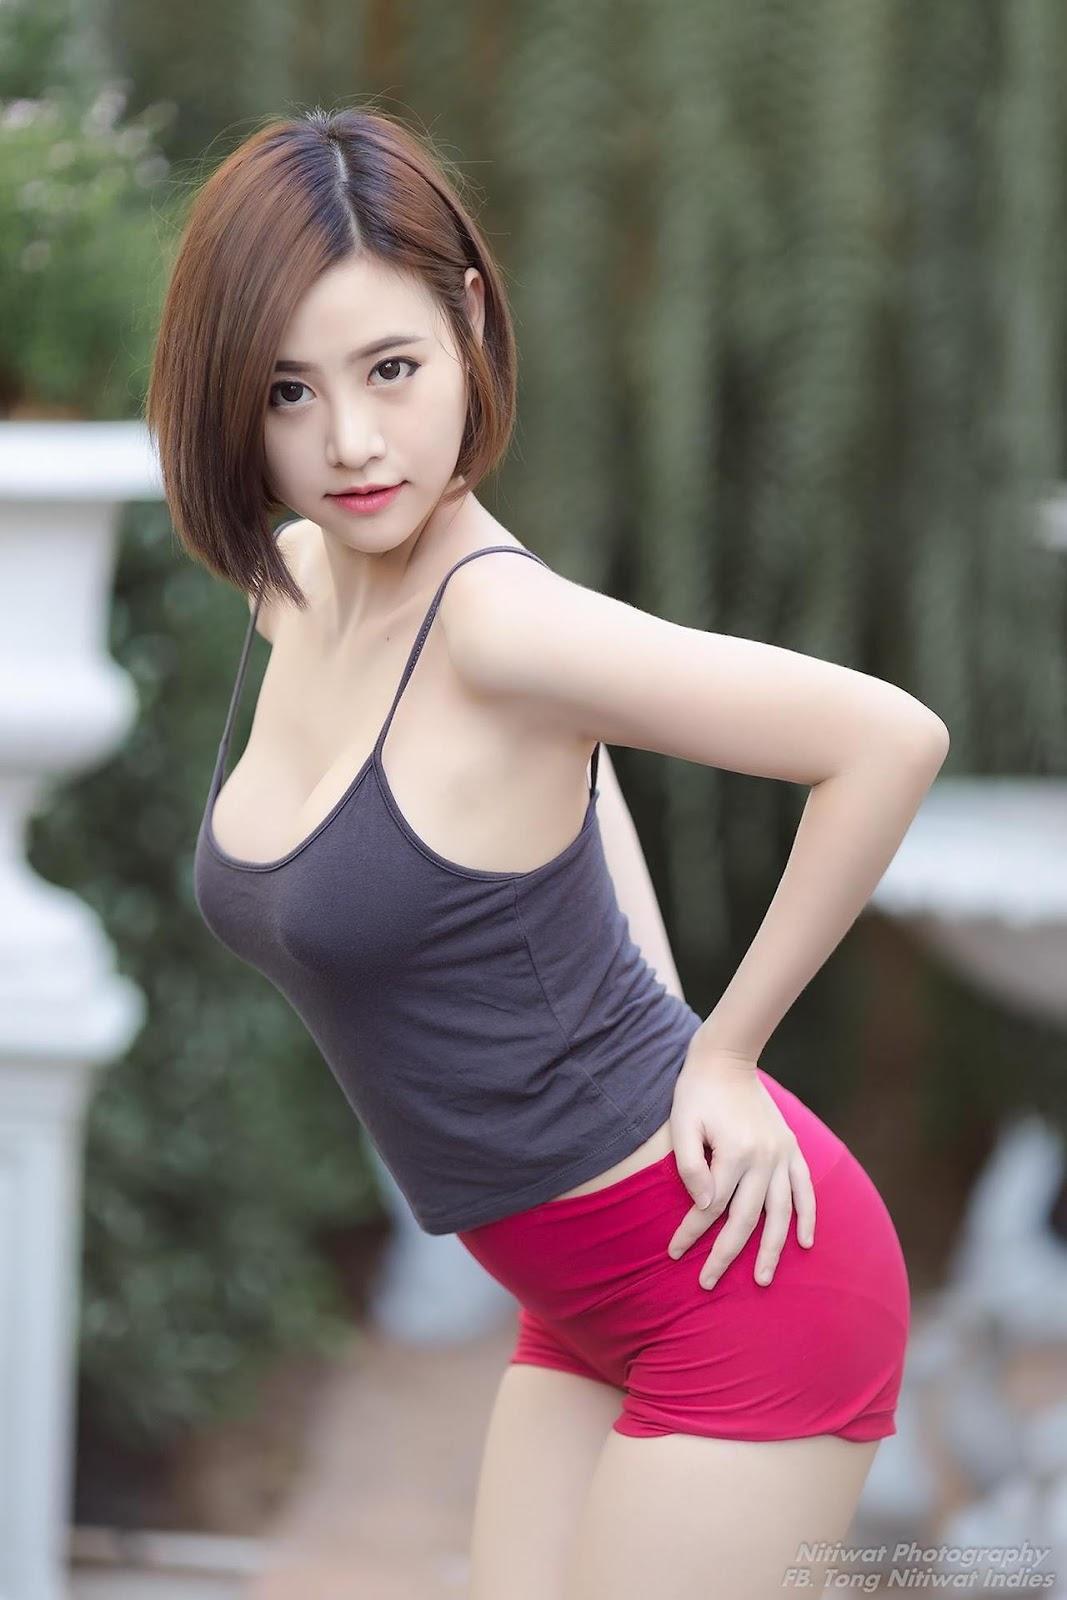 porno celebrity christina mulan